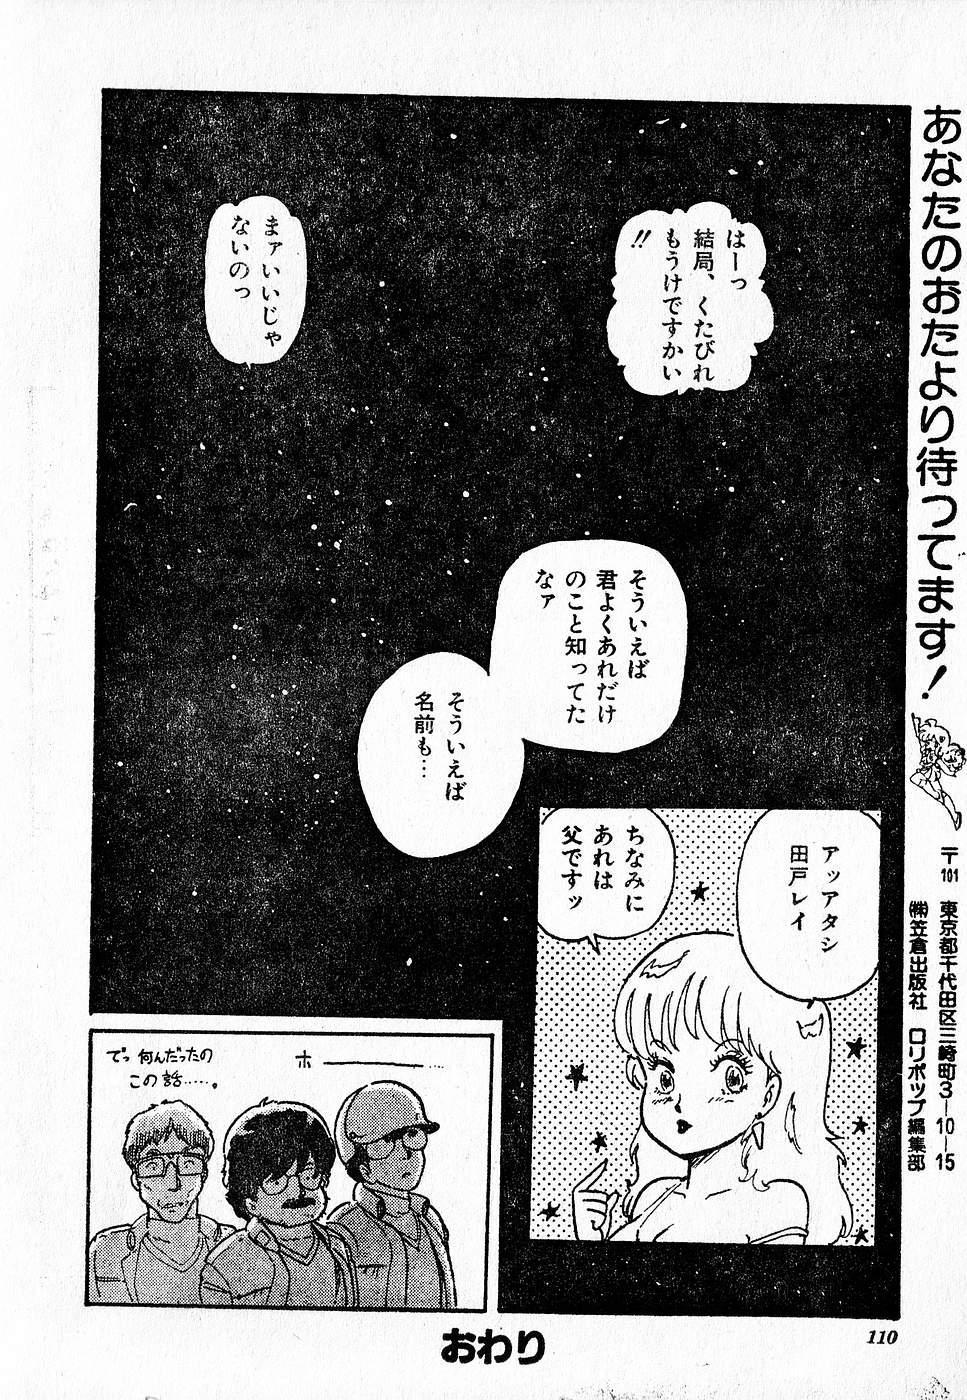 COMIC Lolipop 1985-10 Soukanjunbigou Aki 109